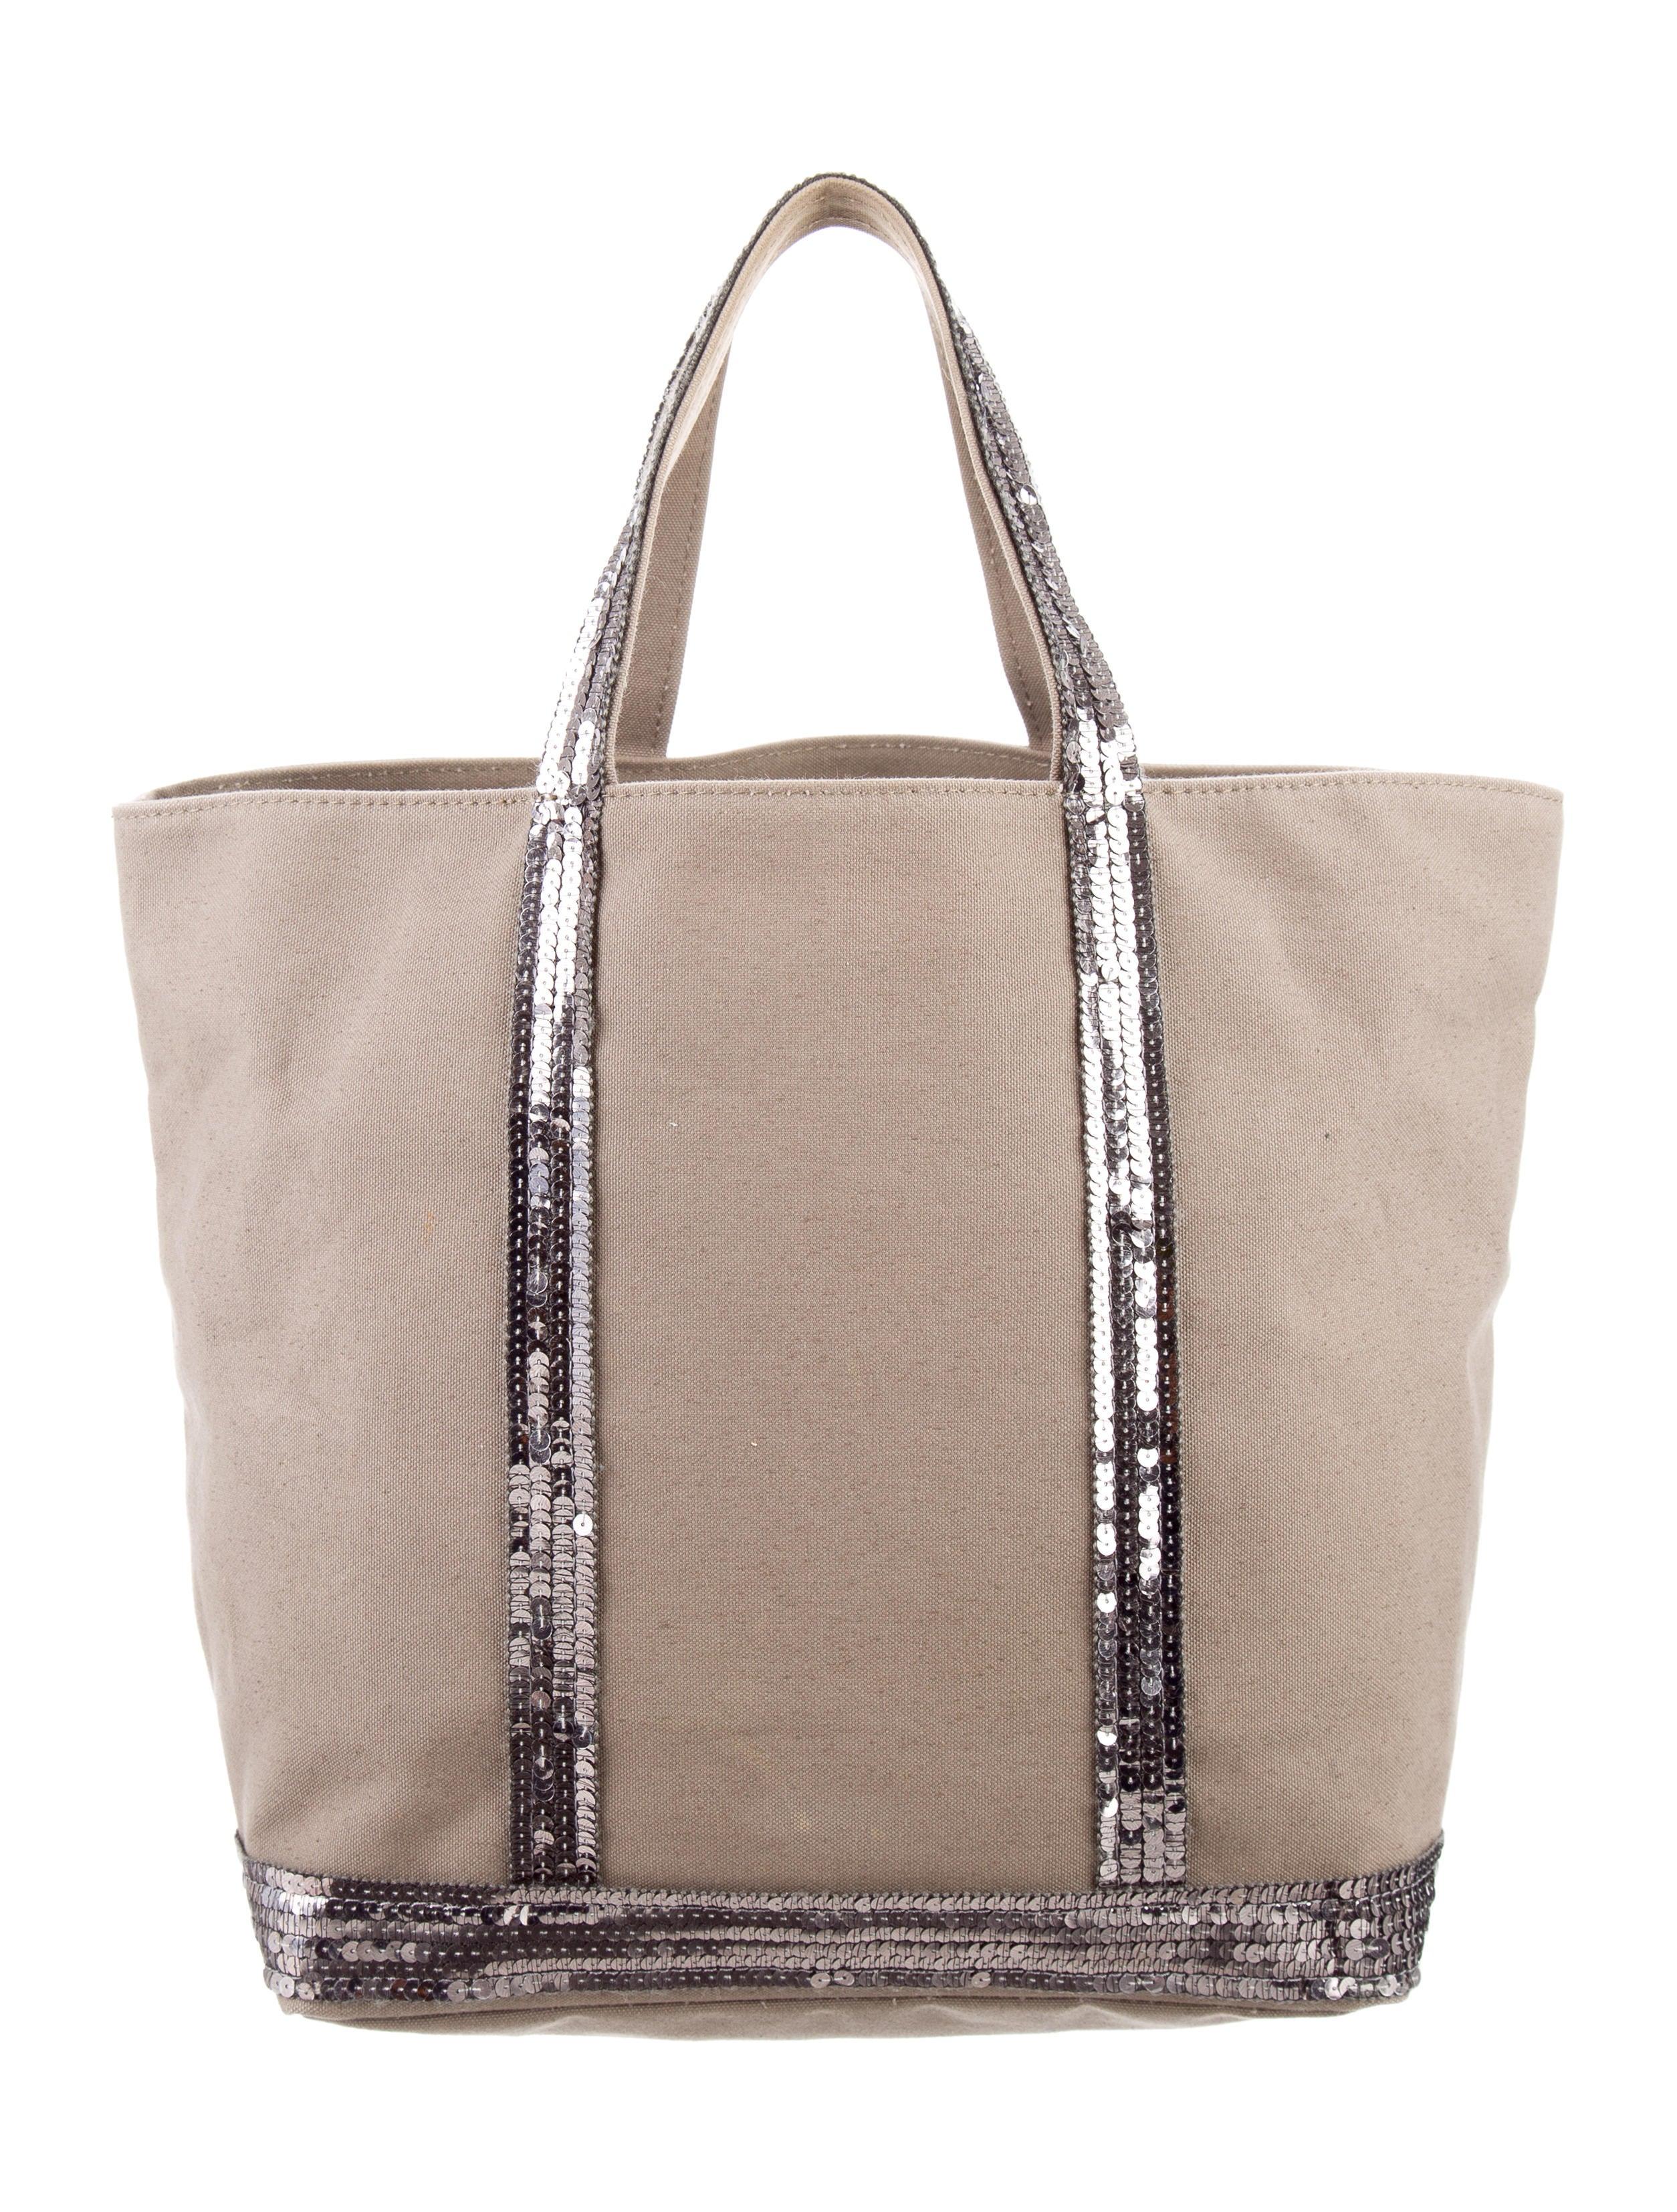 vanessa bruno le cabas tote handbags van23621 the realreal. Black Bedroom Furniture Sets. Home Design Ideas